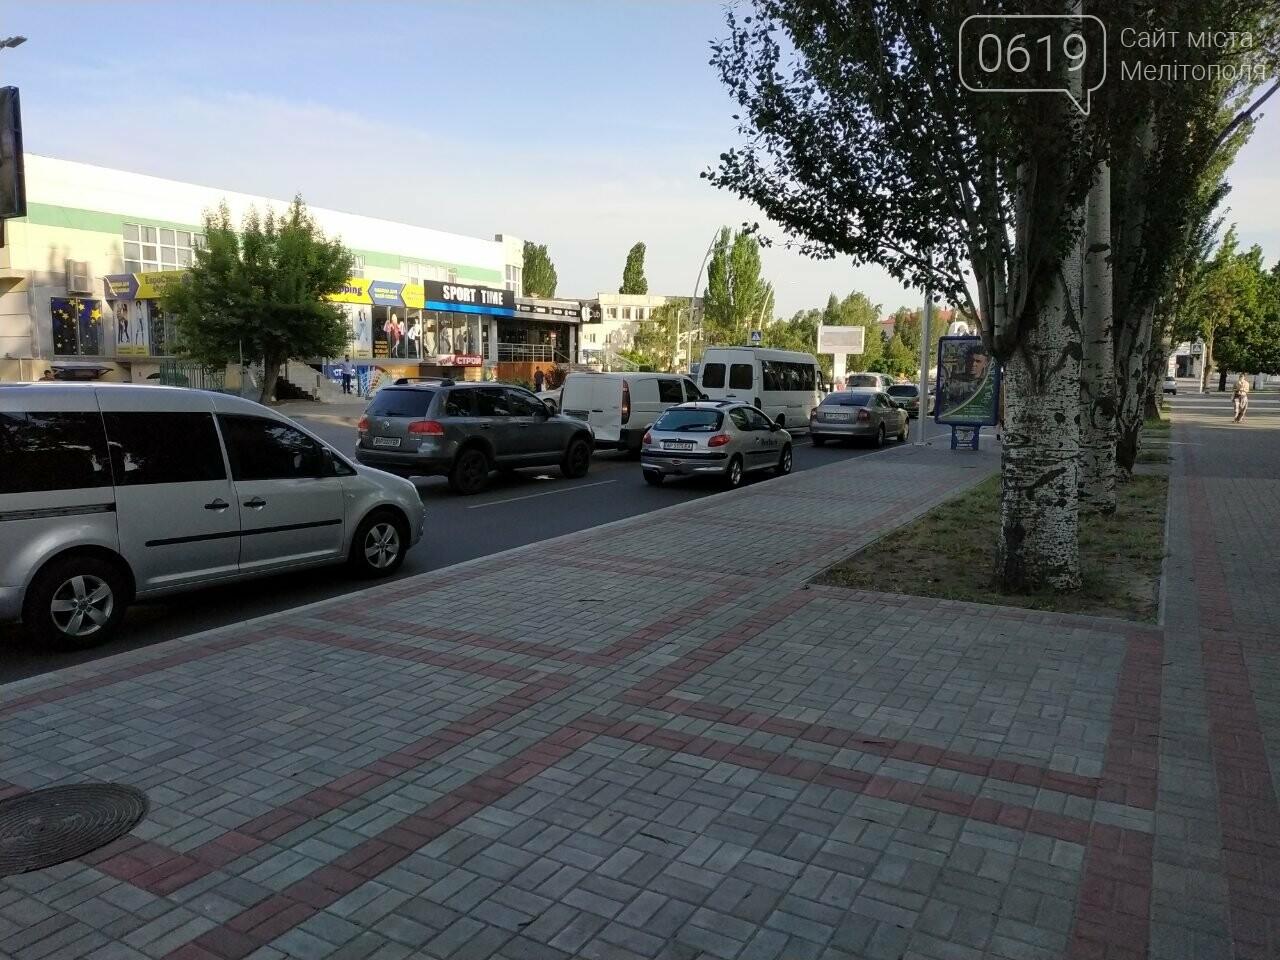 В Мелитополе произошло тройное ДТП , фото-1, Фото сайта 0619